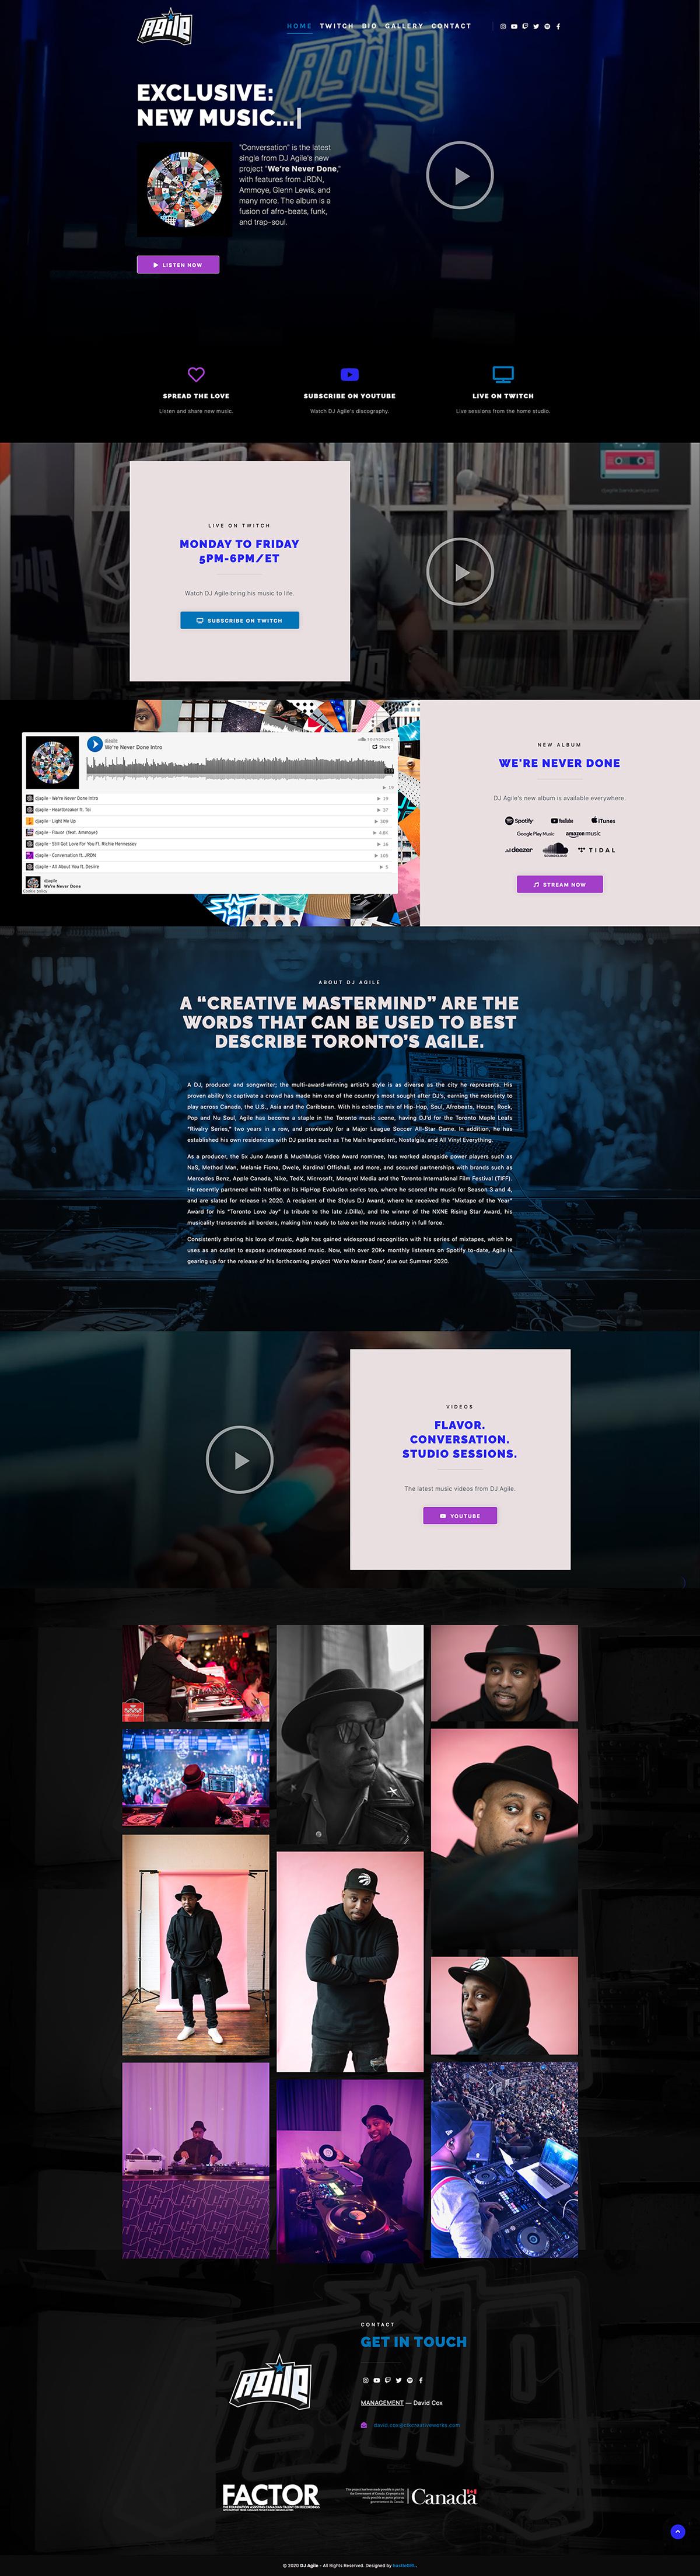 dj-agile-website